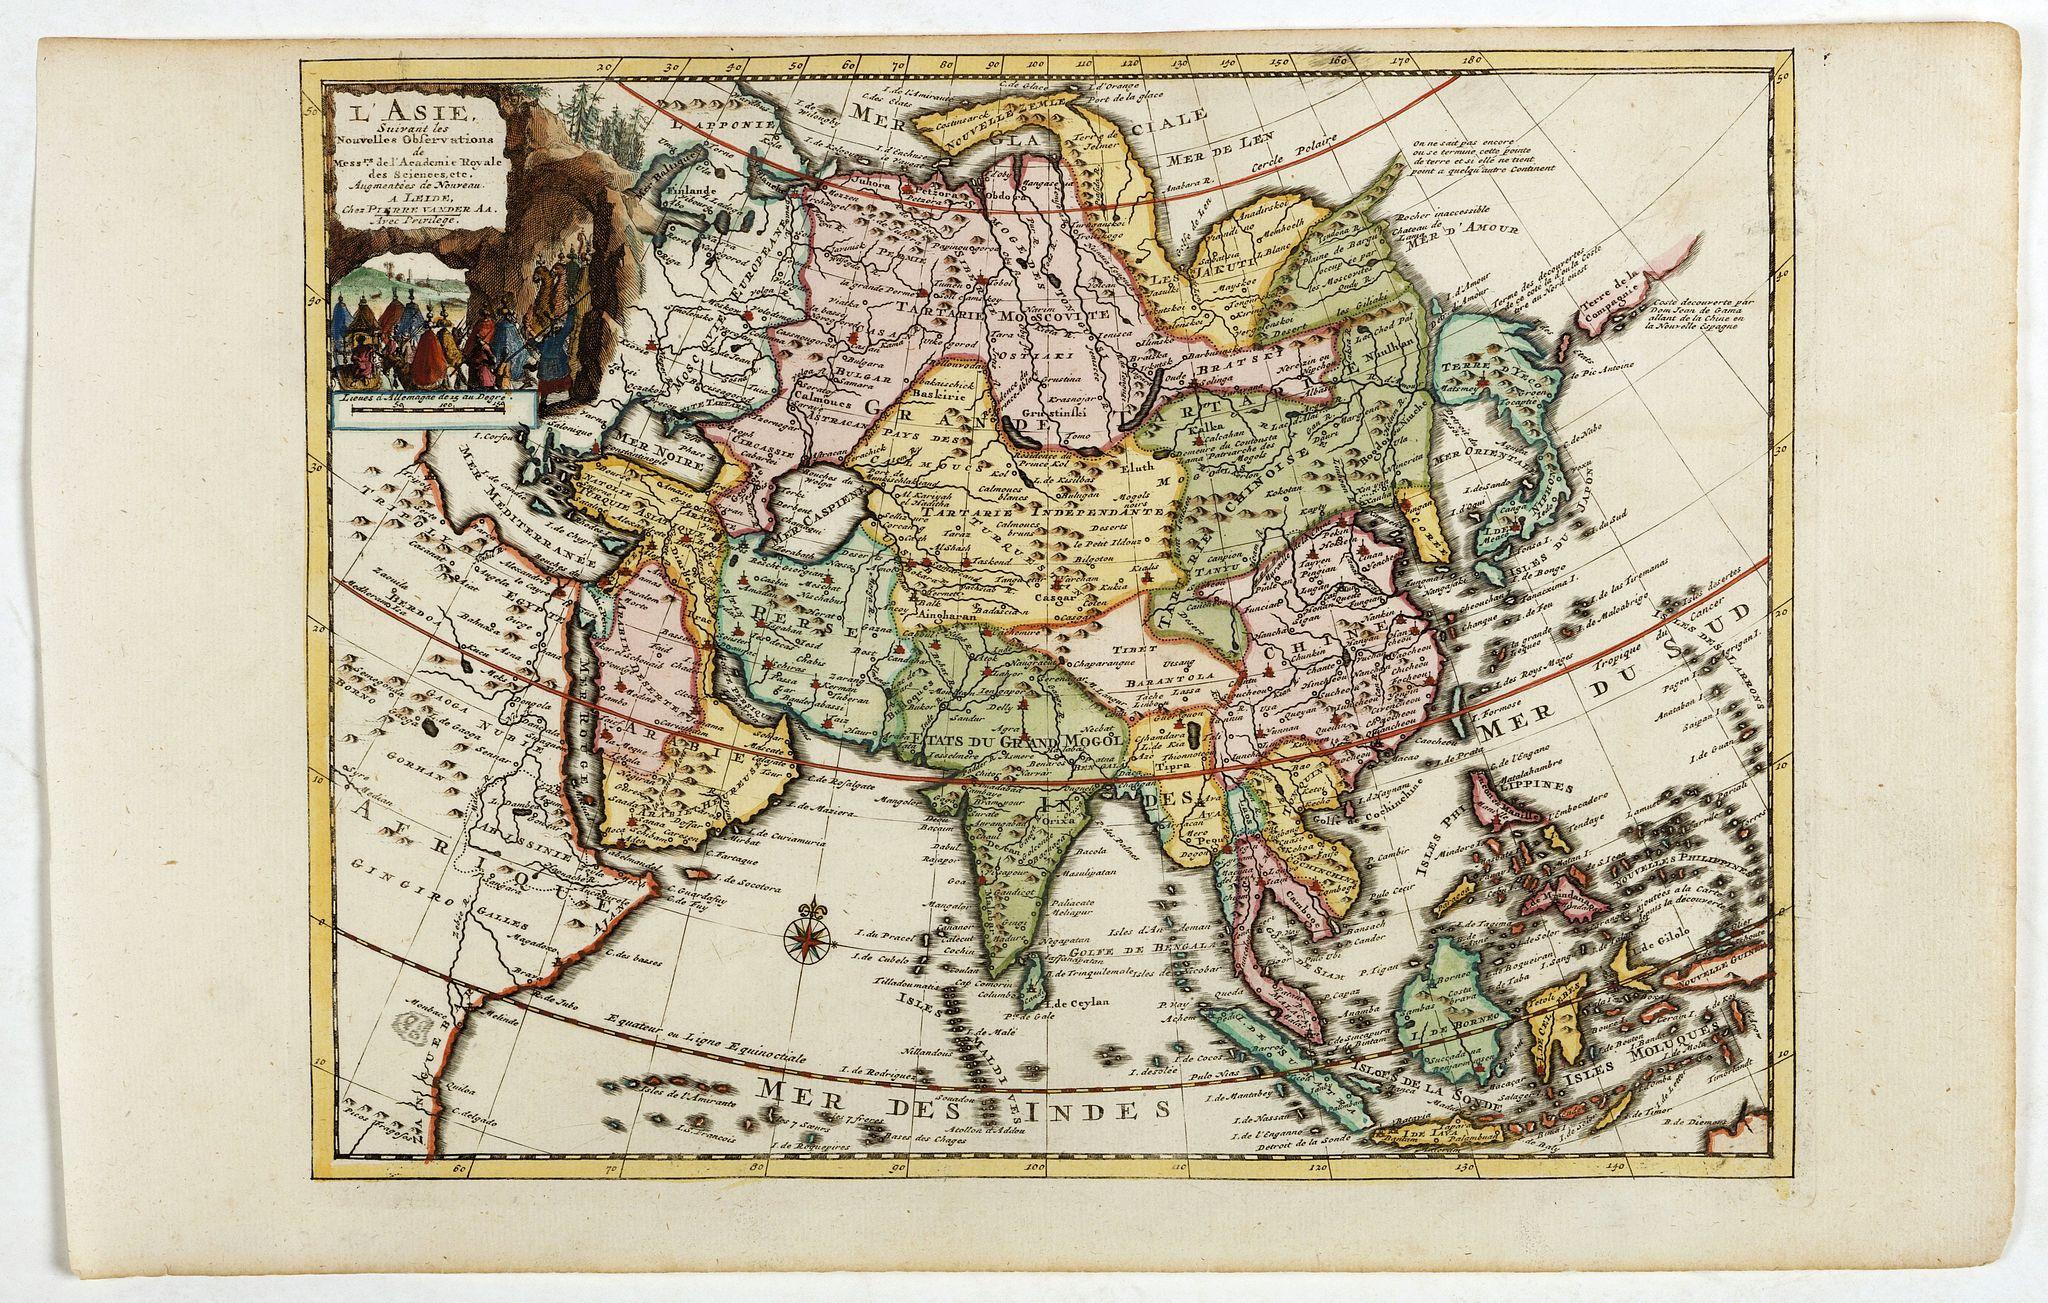 AA, P. van der -  L'Asie suivant les nouvelles observations…